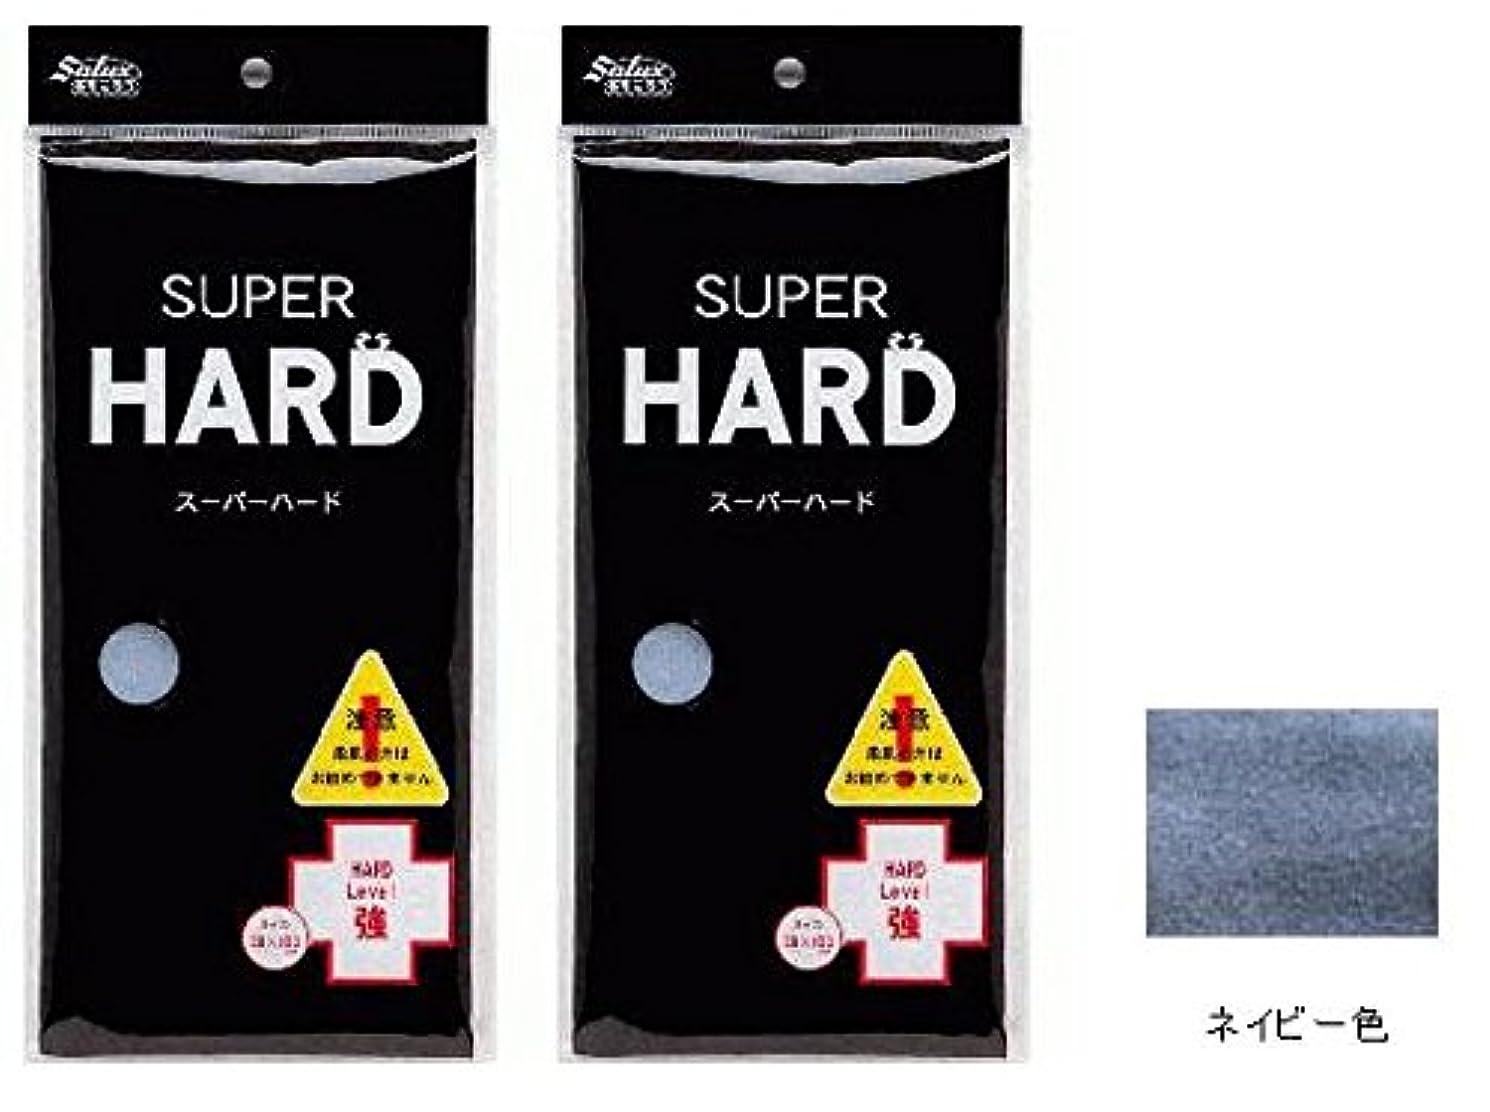 気を散らすせがむ節約サラックススーパーハード ハードレベル強 ネイビー×2個セット